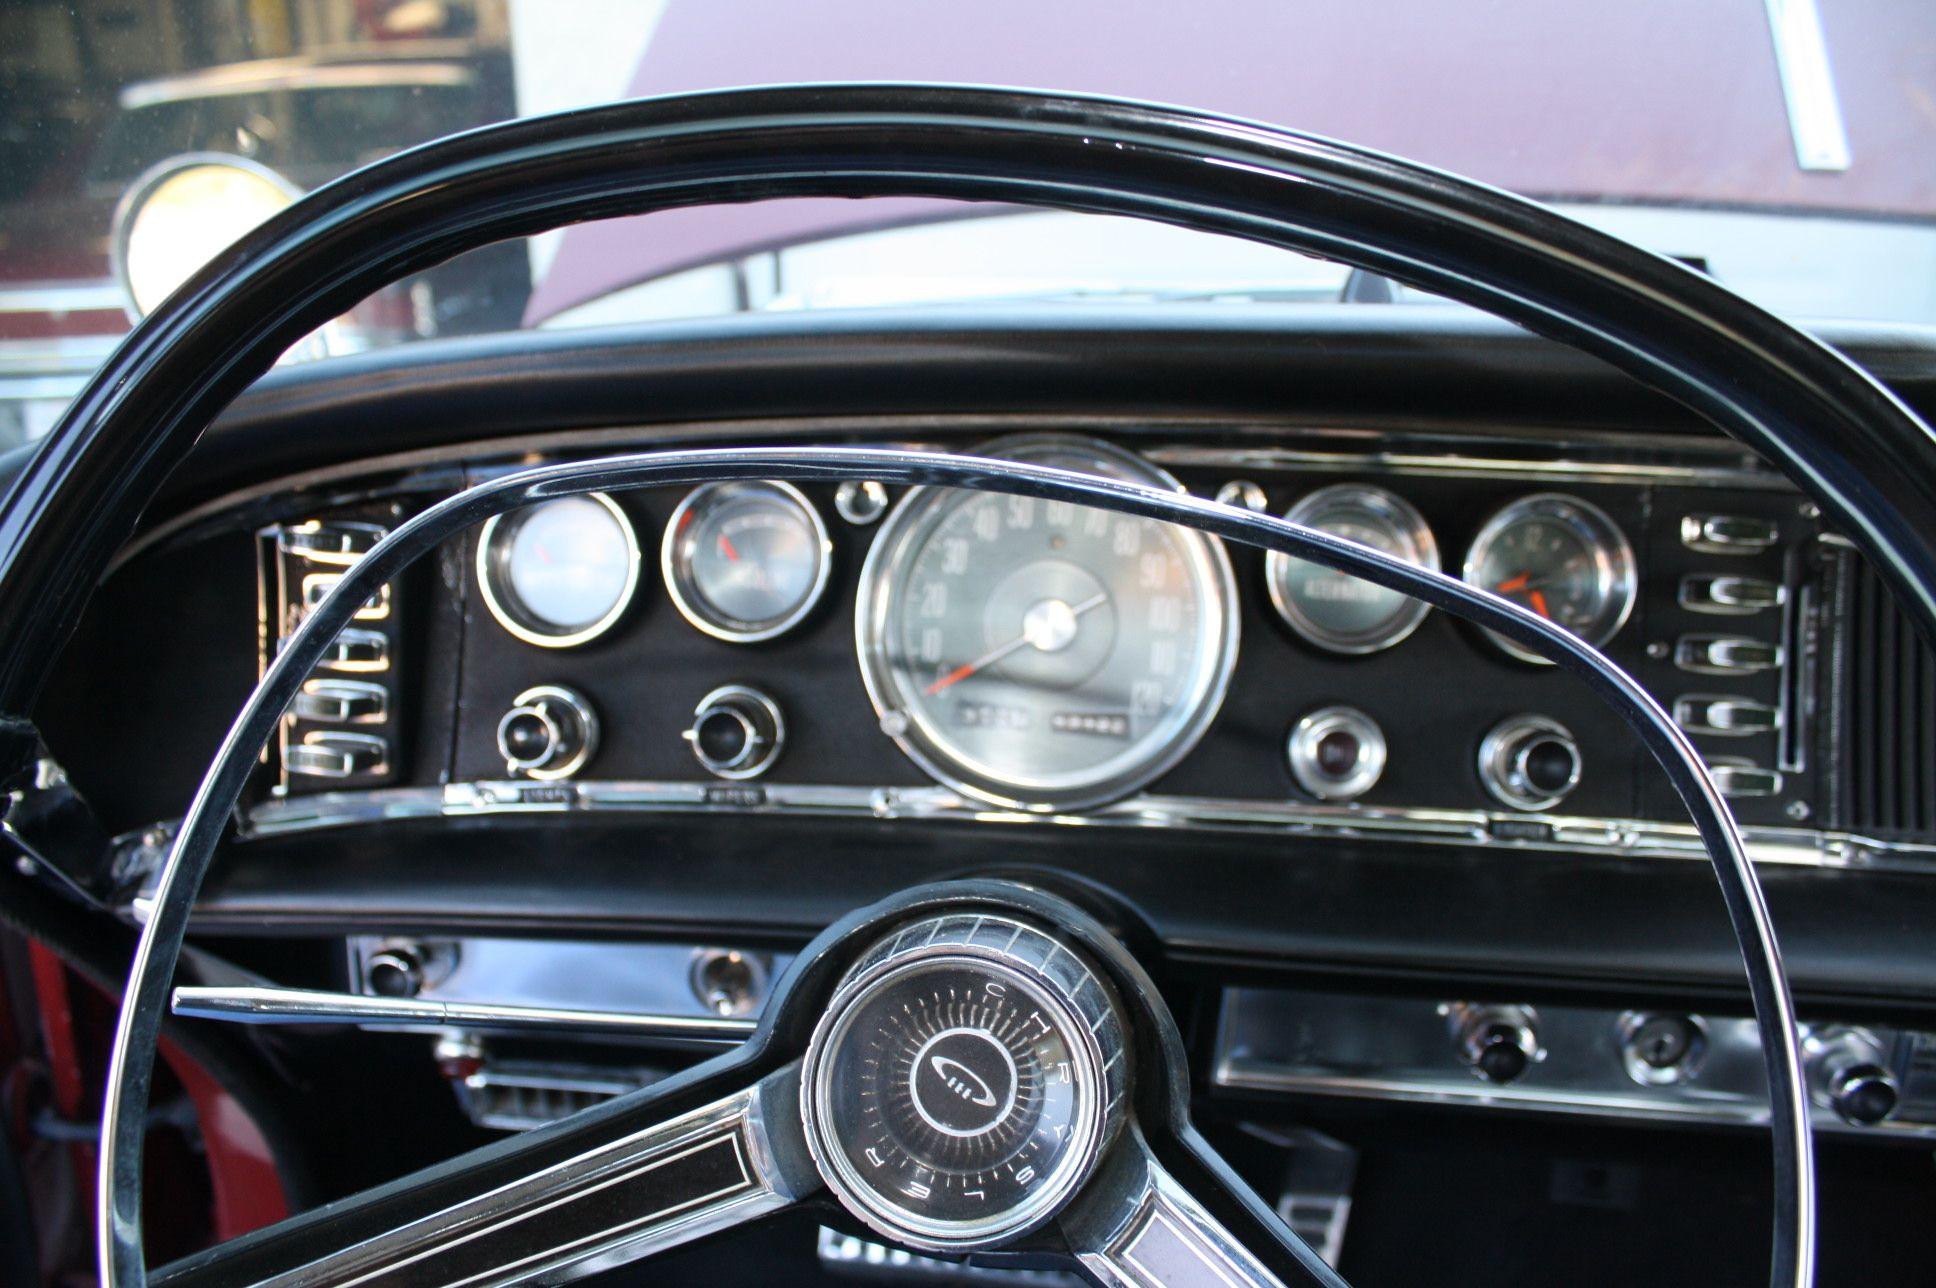 1956 chrysler imperial interior images - 1964 Chrysler Interior 1964 Chrysler 300 Sport